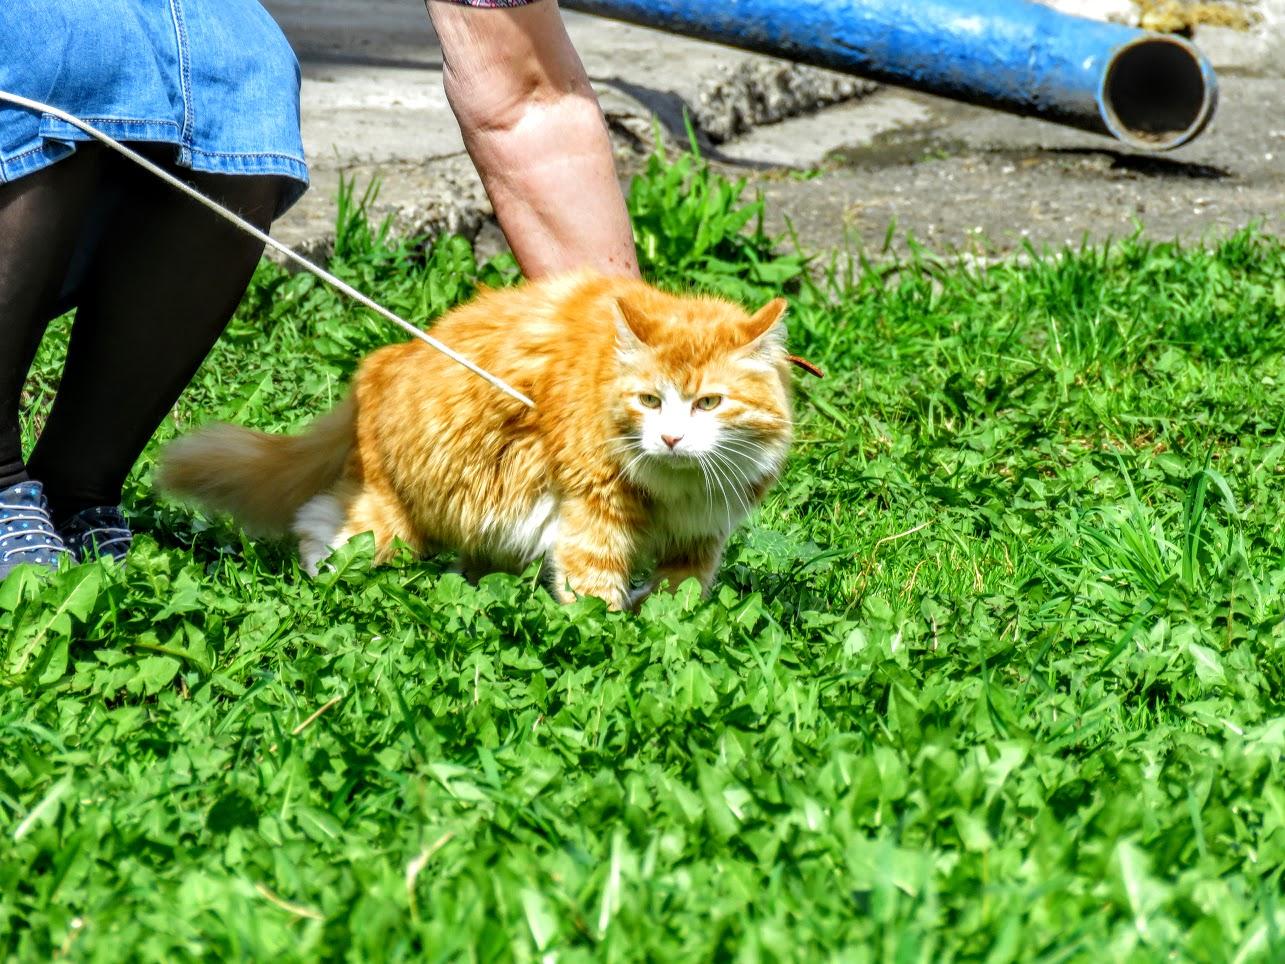 Фотоохота на чёрных коршунов. Рыжие котики и мороженое Сибирские голубые ели) IMG 9913